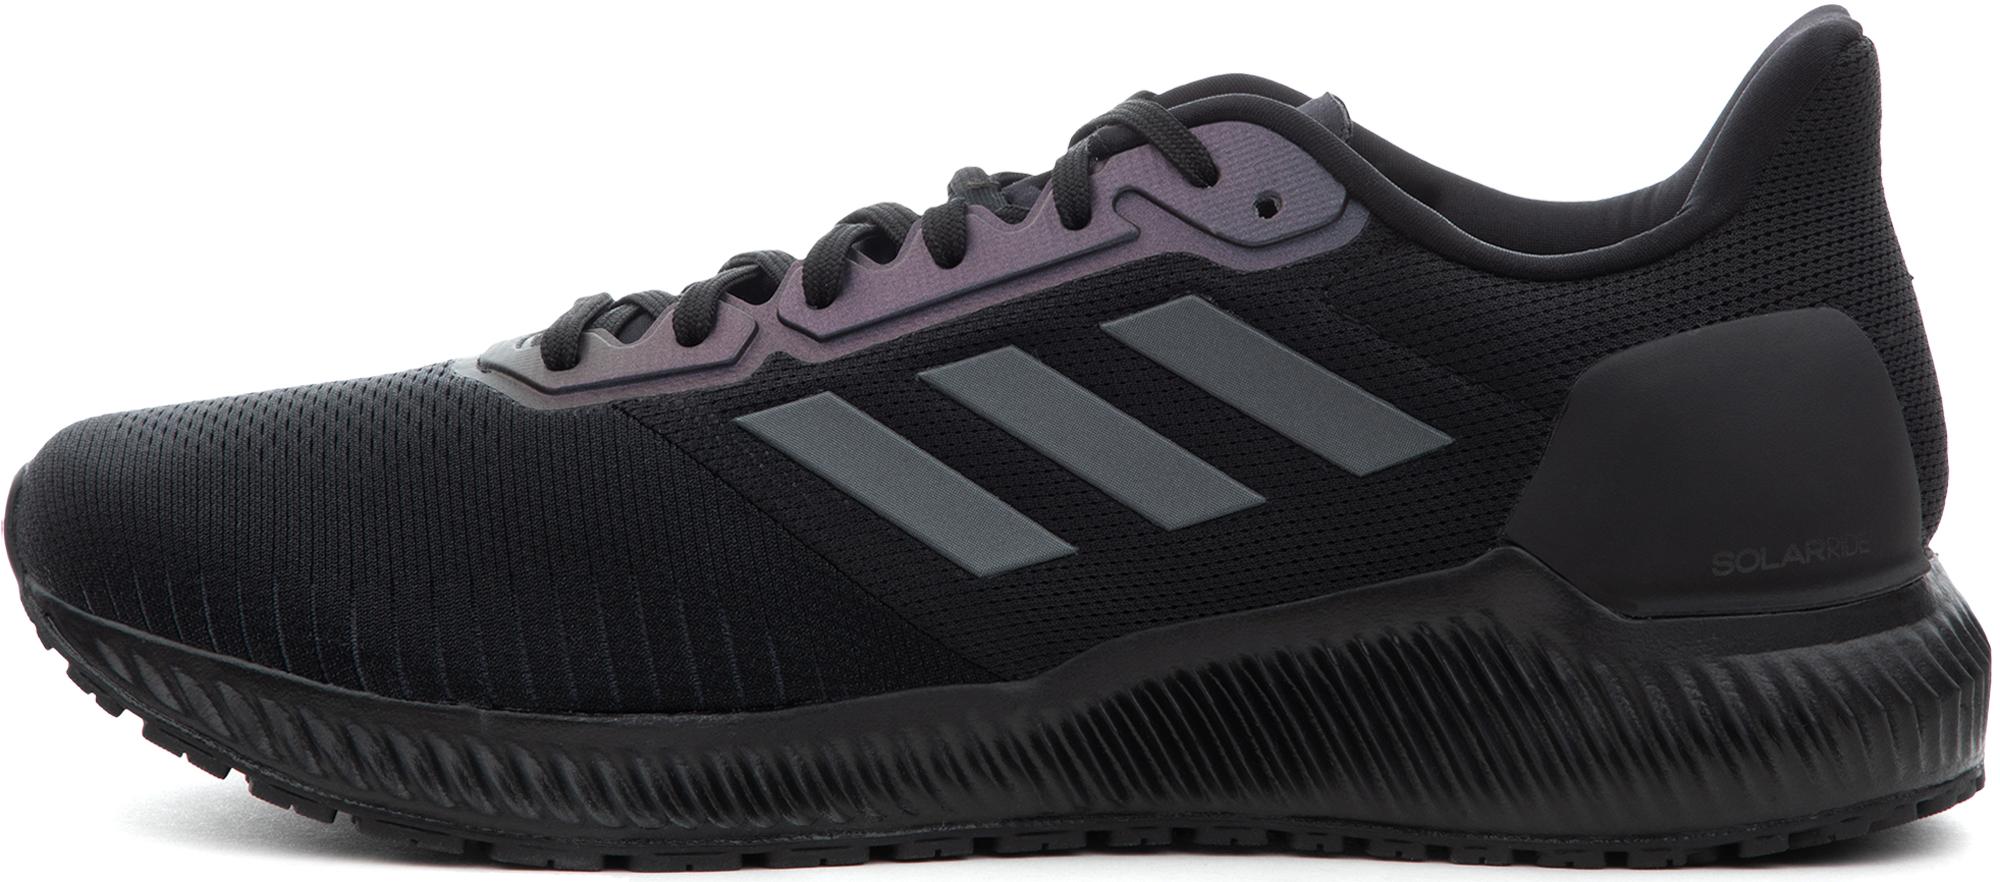 Adidas Кроссовки мужские Adidas Solar, размер 39